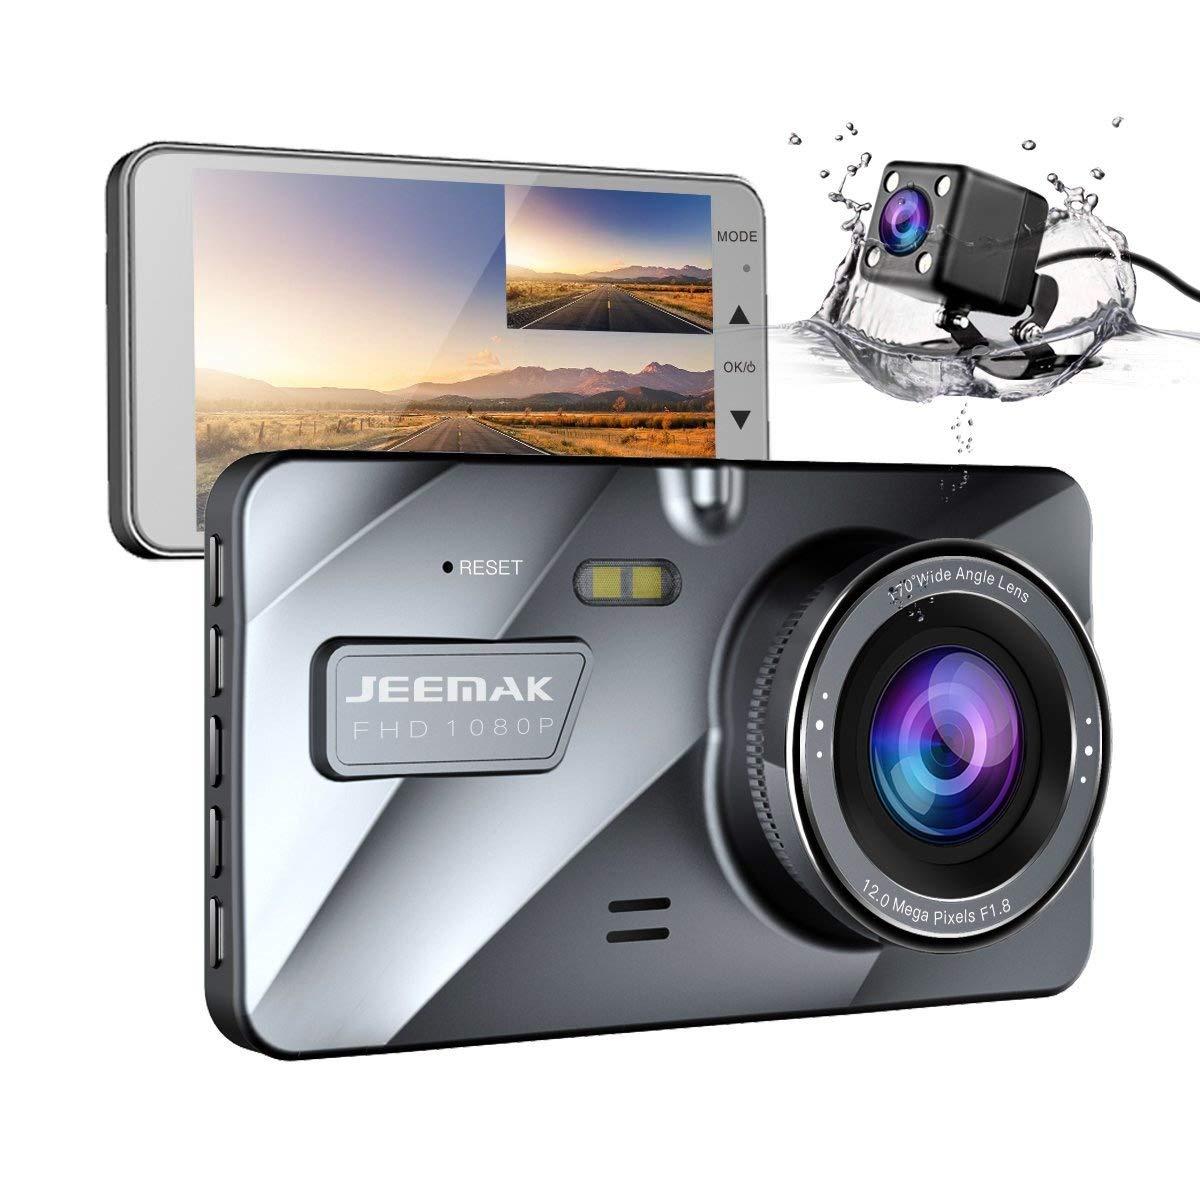 Dual Lens Auto Dash Cam, JEEMAK 4 'IPS Dashcam FHD 1080P Dashboard kamera 170 Grad Weitwinkel im Auto Fahrzeug DVR Recorder mit G-Sensor Parkplatz Monitor WDR Loop Recording Nachtsicht fahren CE24